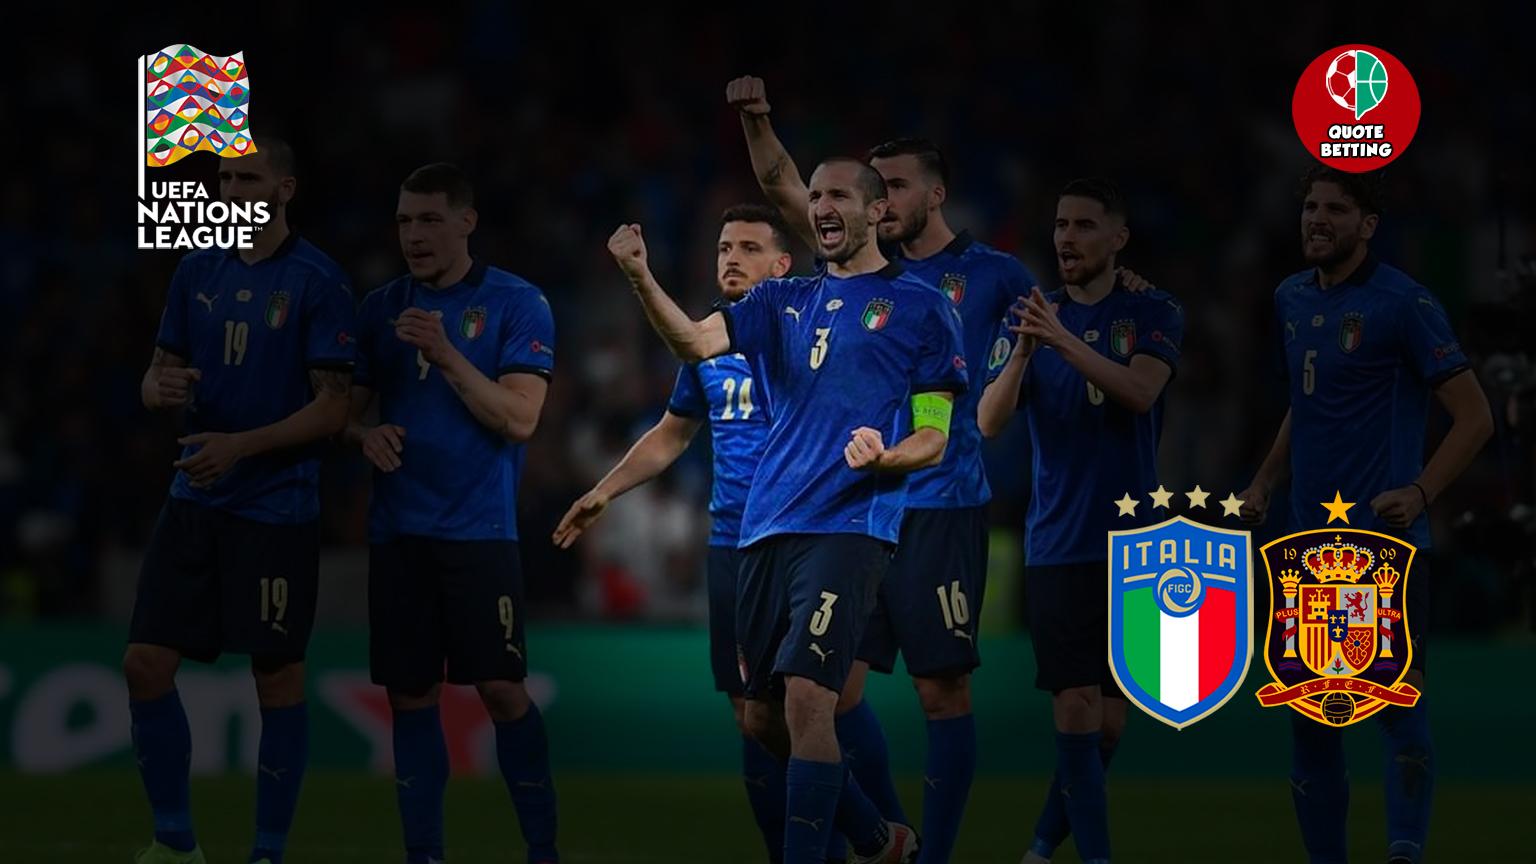 italia spanyol peluang tempat untuk melihat di tv prediksi formasi peluang taruhan olahraga liga negara pertandingan berikutnya italia hari ini sepak bola nasional italia